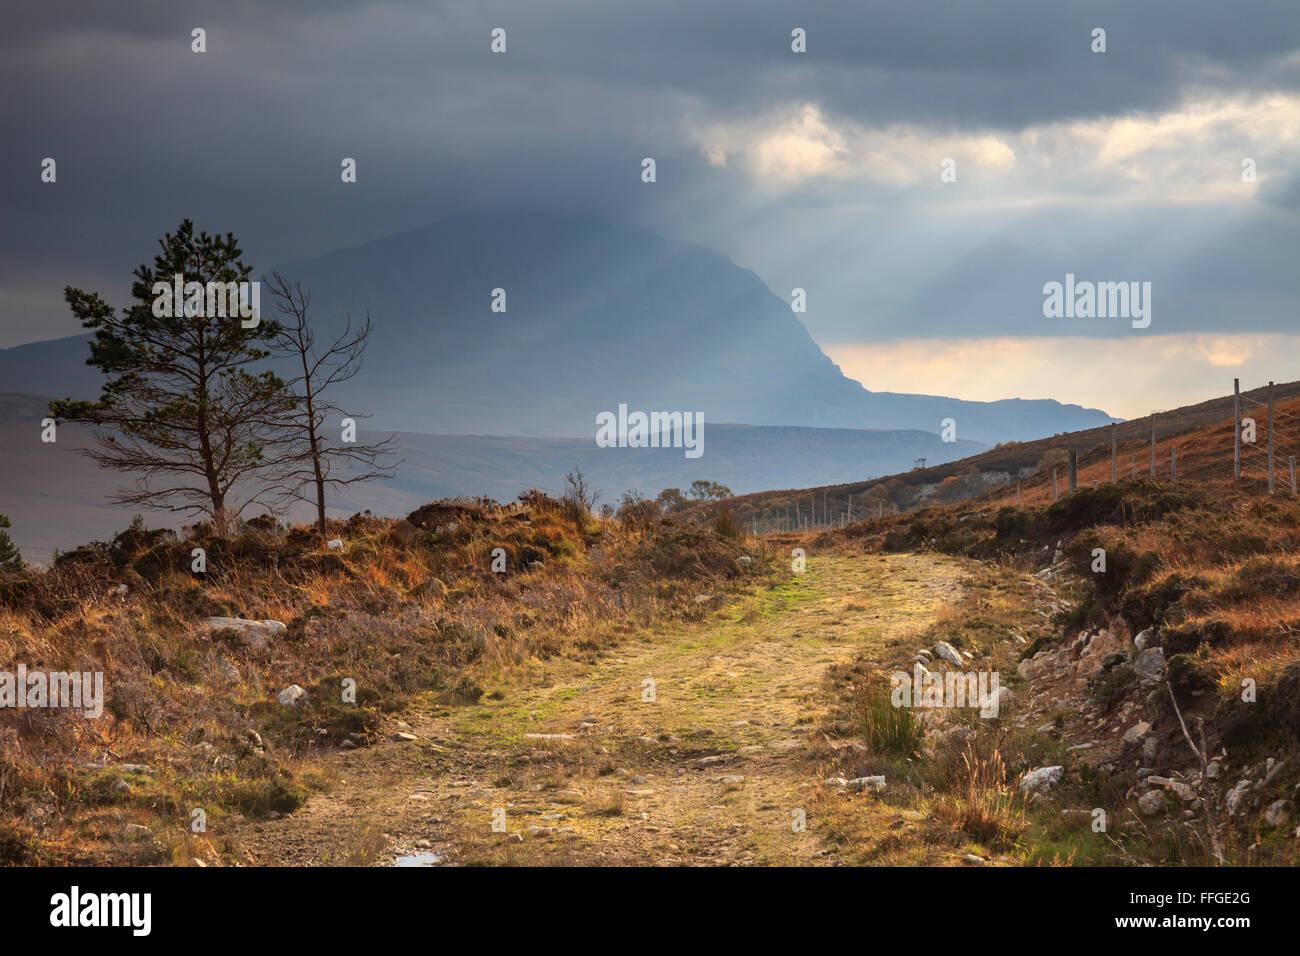 Ben sperare catturato dal sentiero sul lato occidentale del Loch speranza, catturata su un pomeriggio atmosferica Immagini Stock